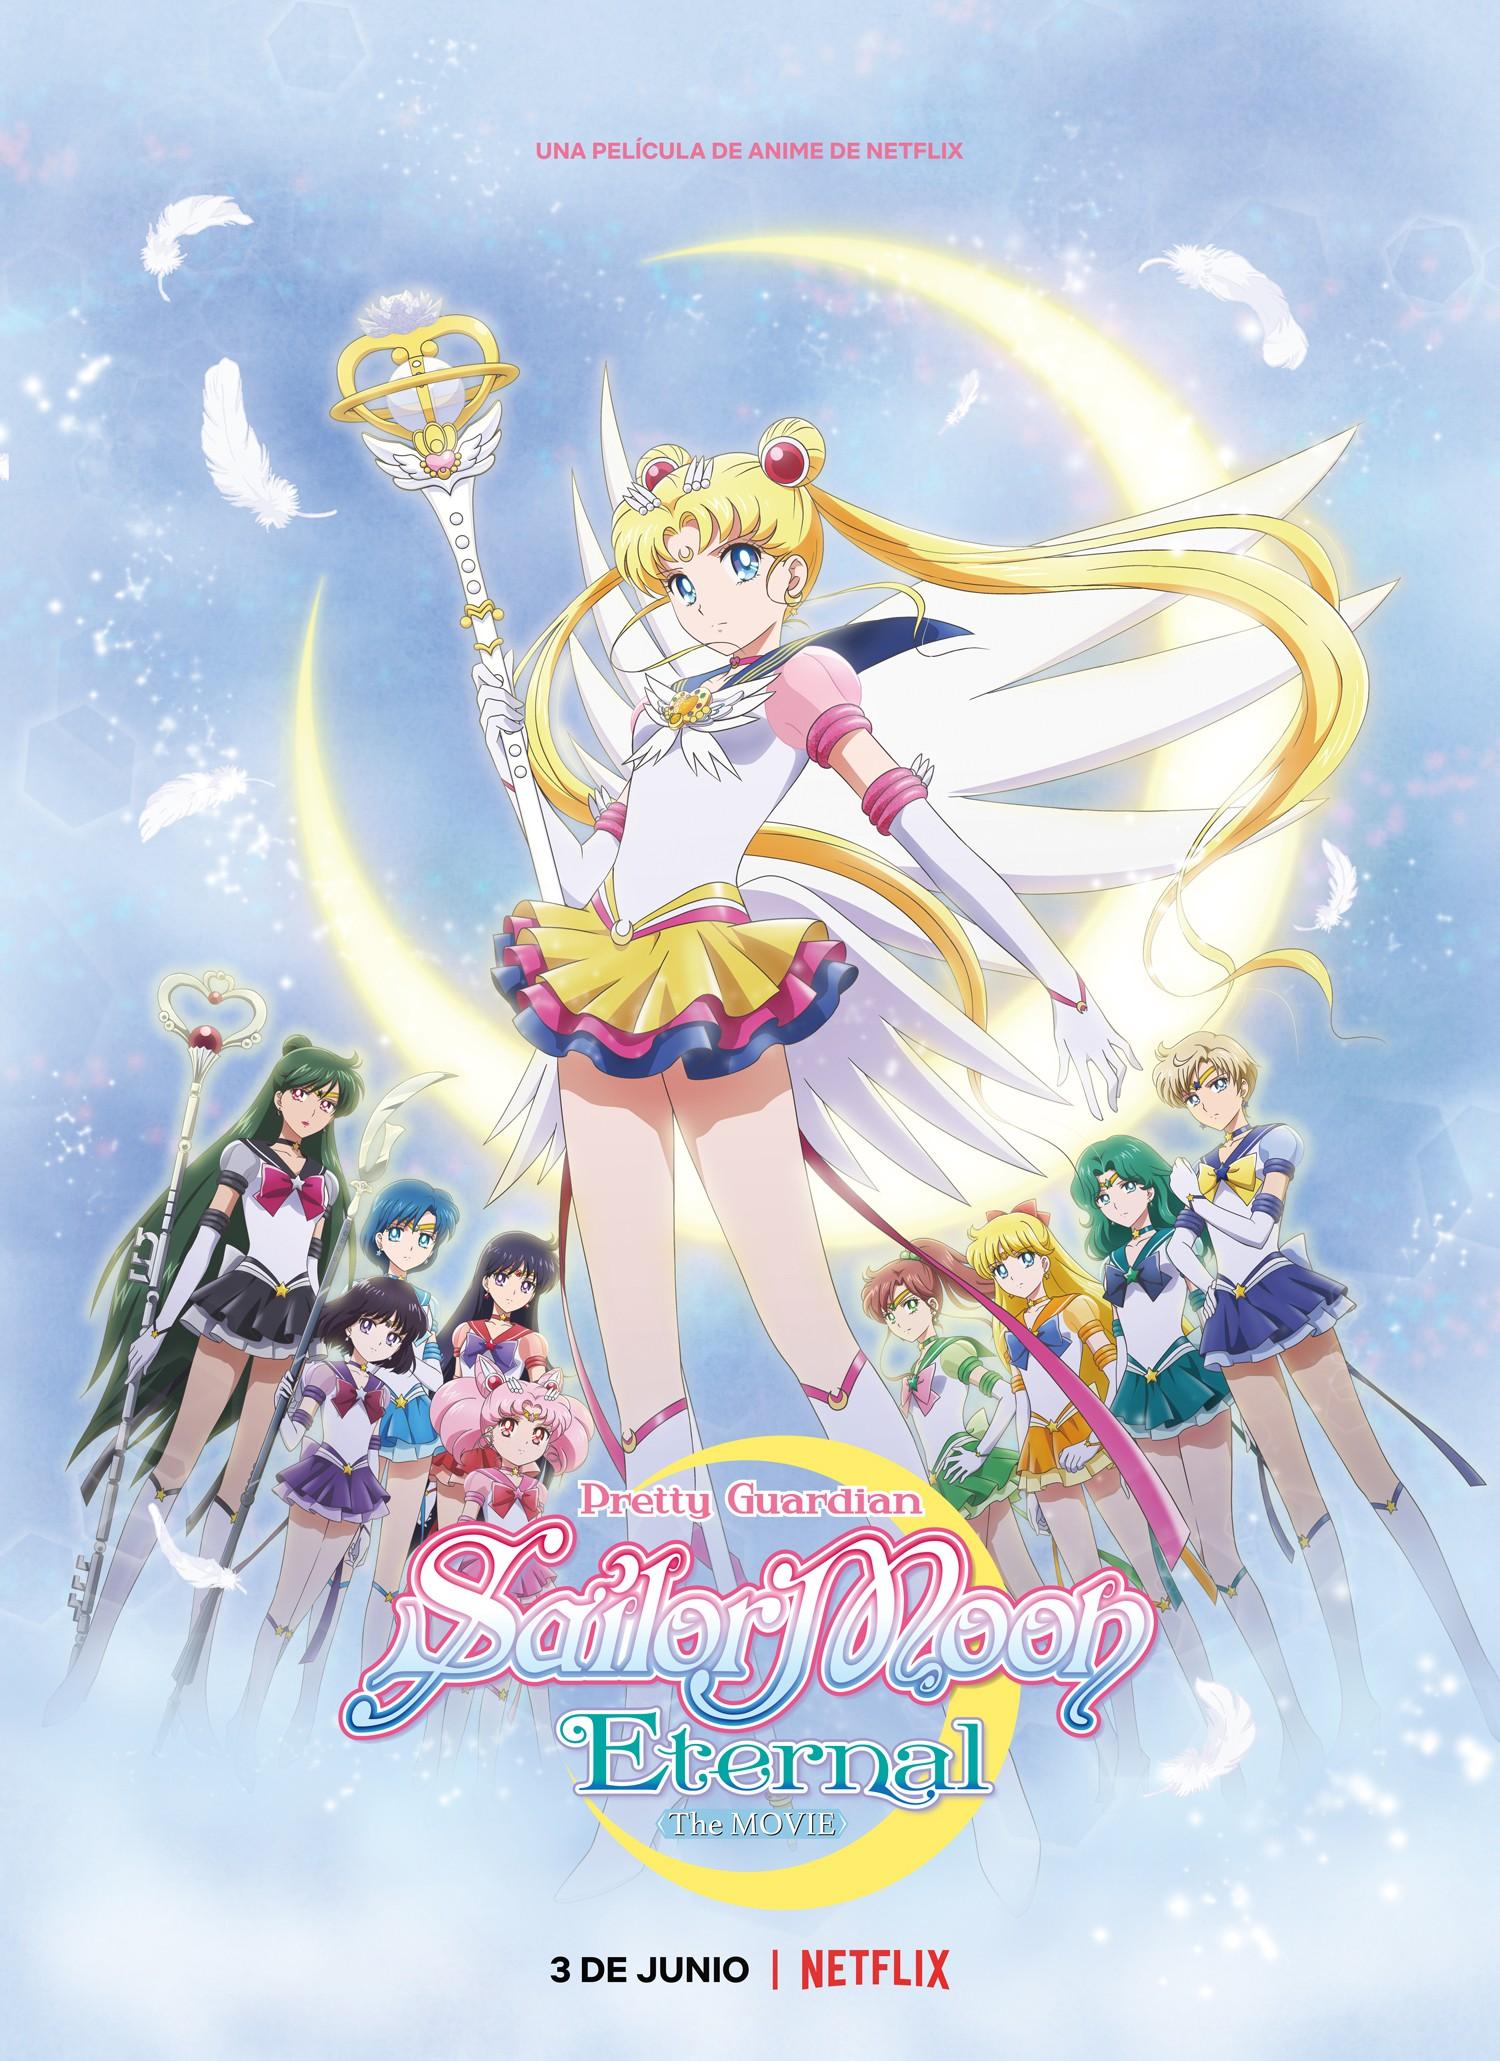 Netflix revela el tráiler y póster en español latino para la película Sailor Moon Eternal